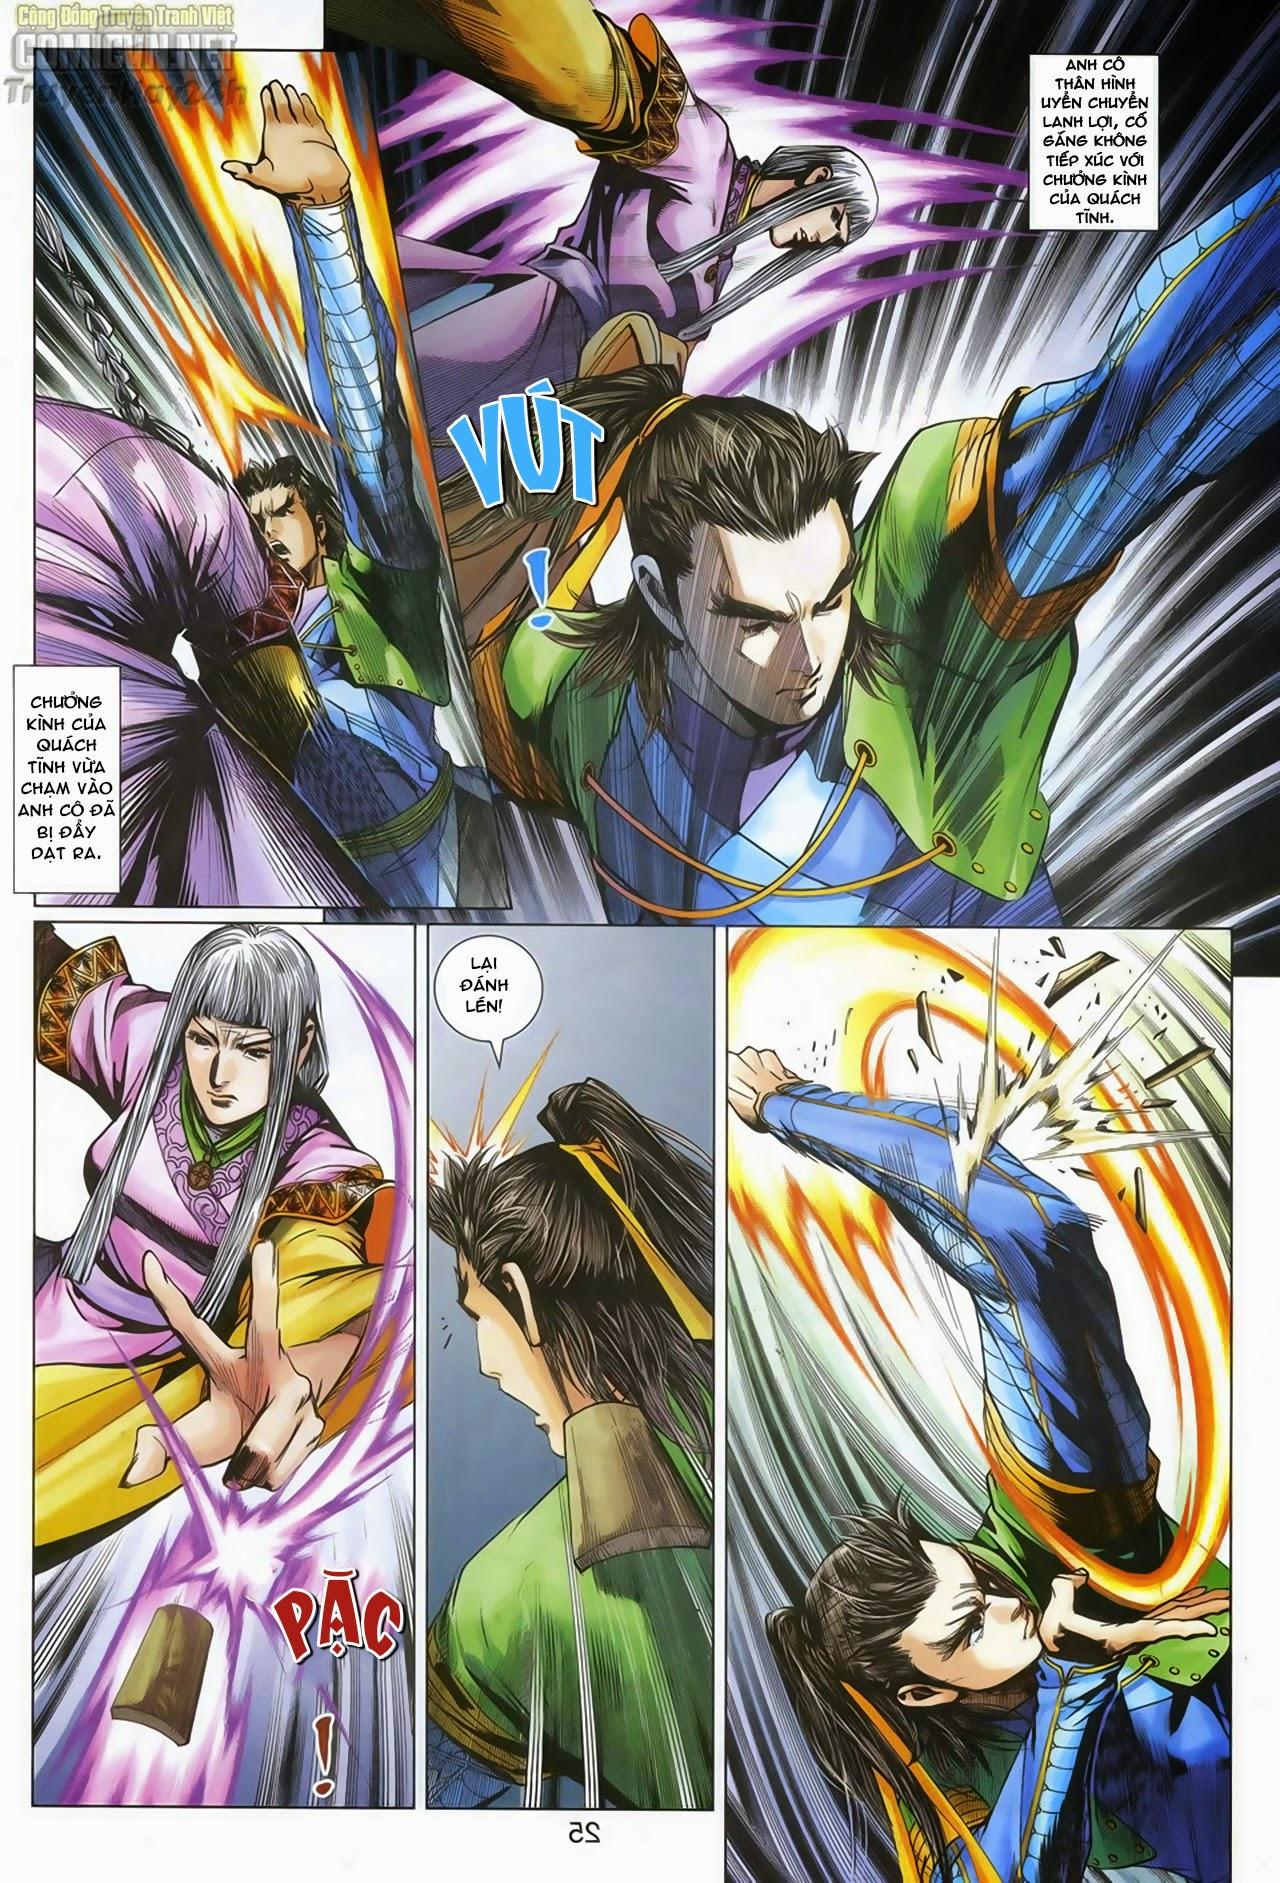 Anh Hùng Xạ Điêu anh hùng xạ đêu chap 70: hắc chiểu ẩn nữ trang 26